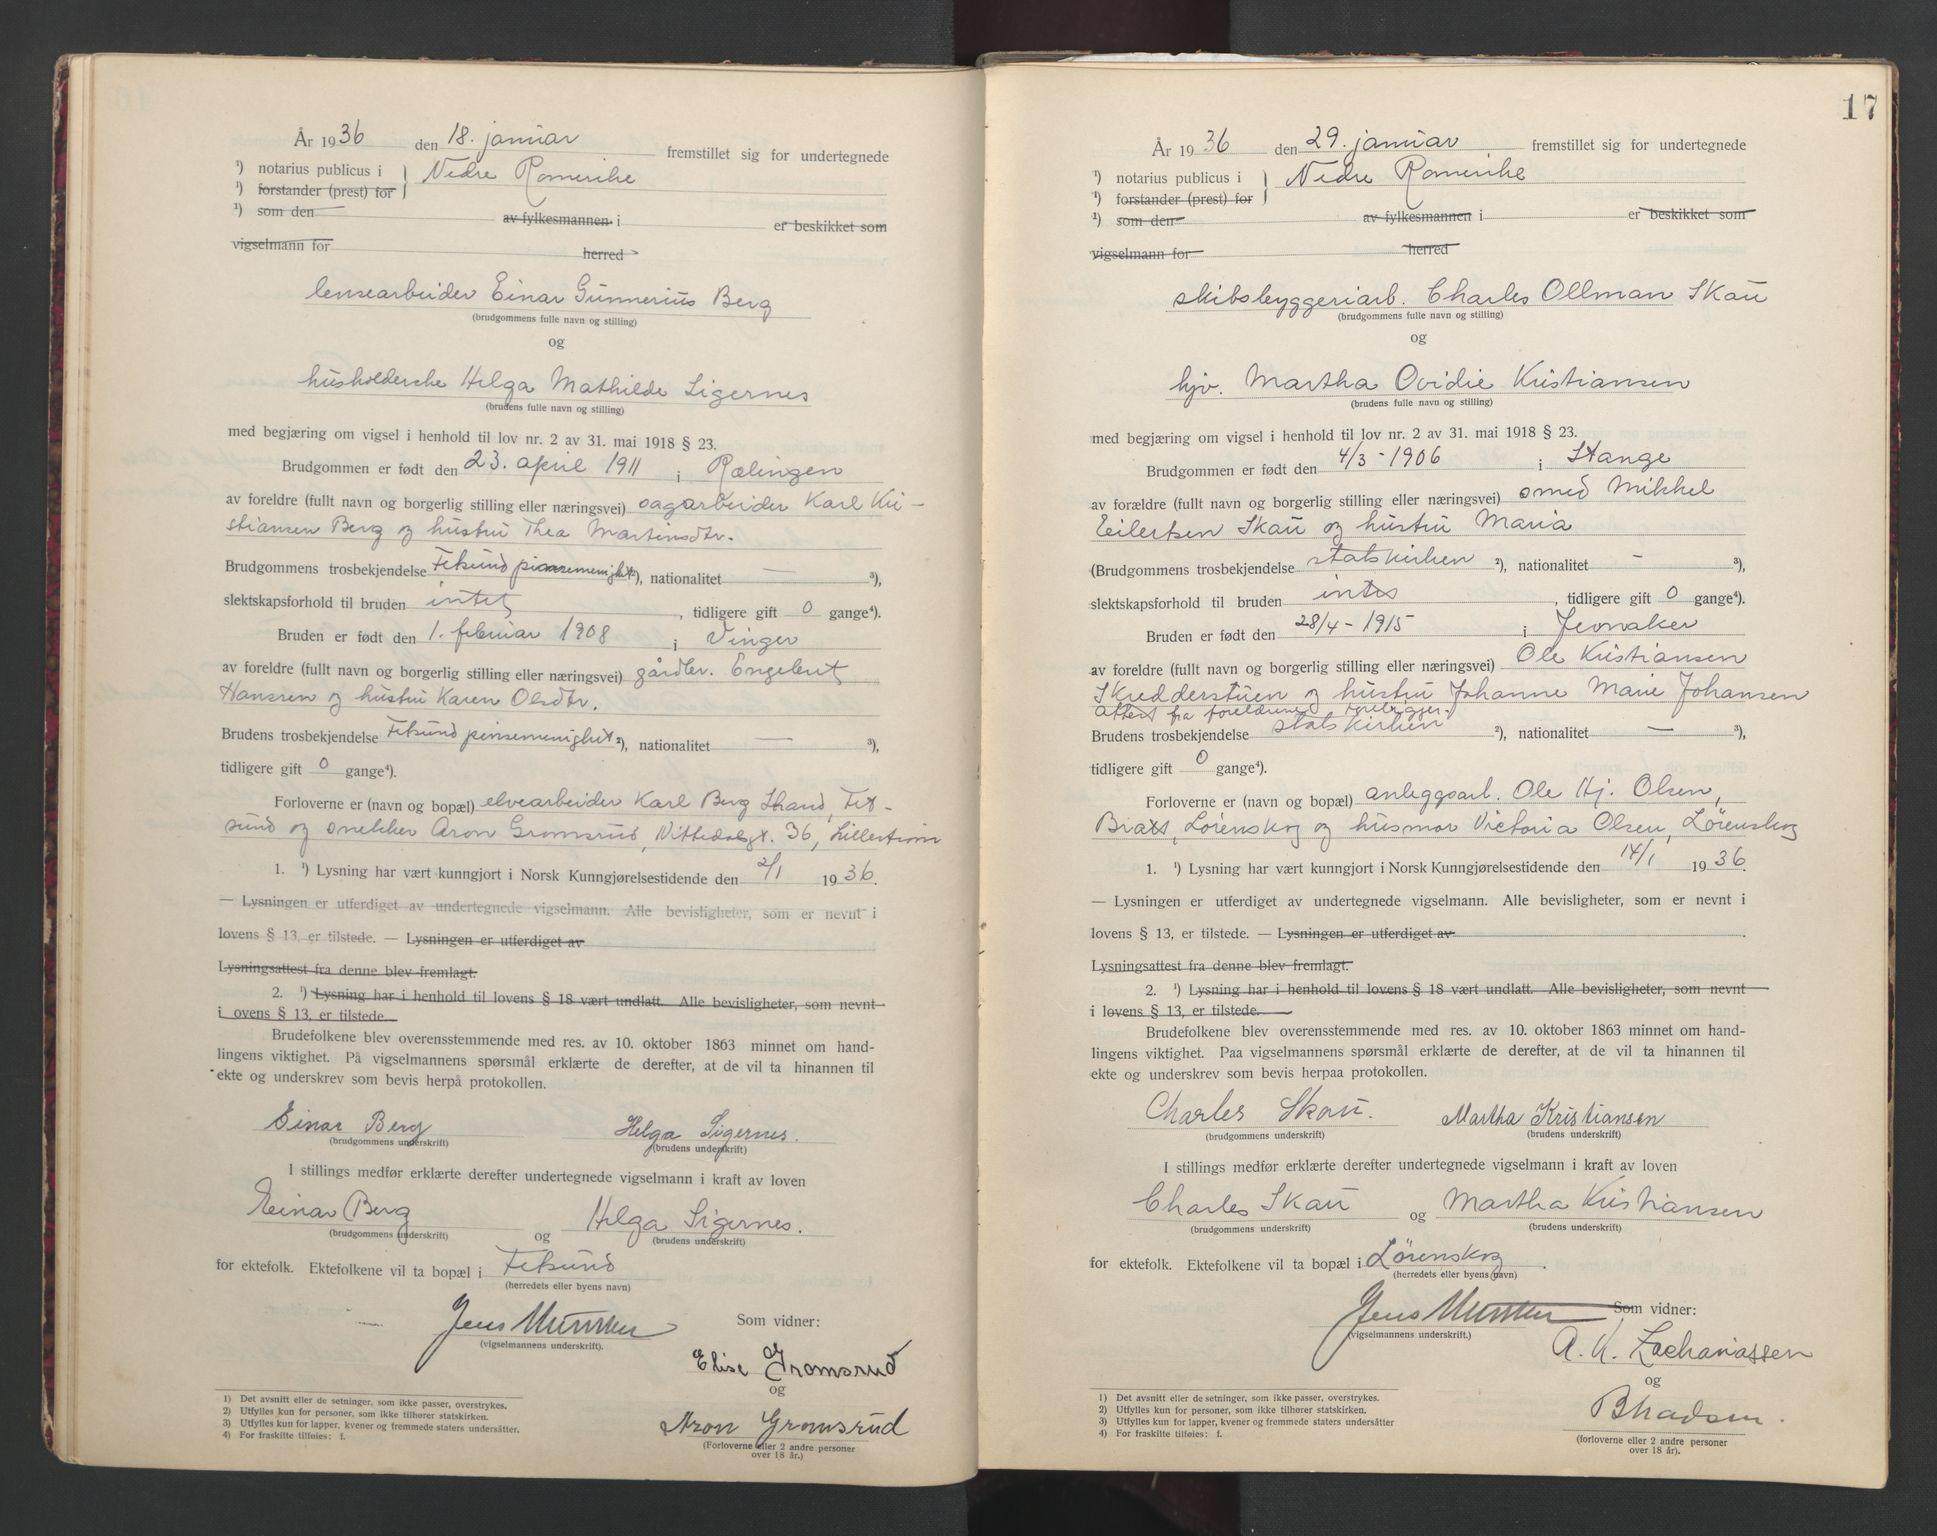 SAO, Nedre Romerike sorenskriveri, L/Lb/L0002: Vigselsbok - borgerlige vielser, 1935-1942, s. 17